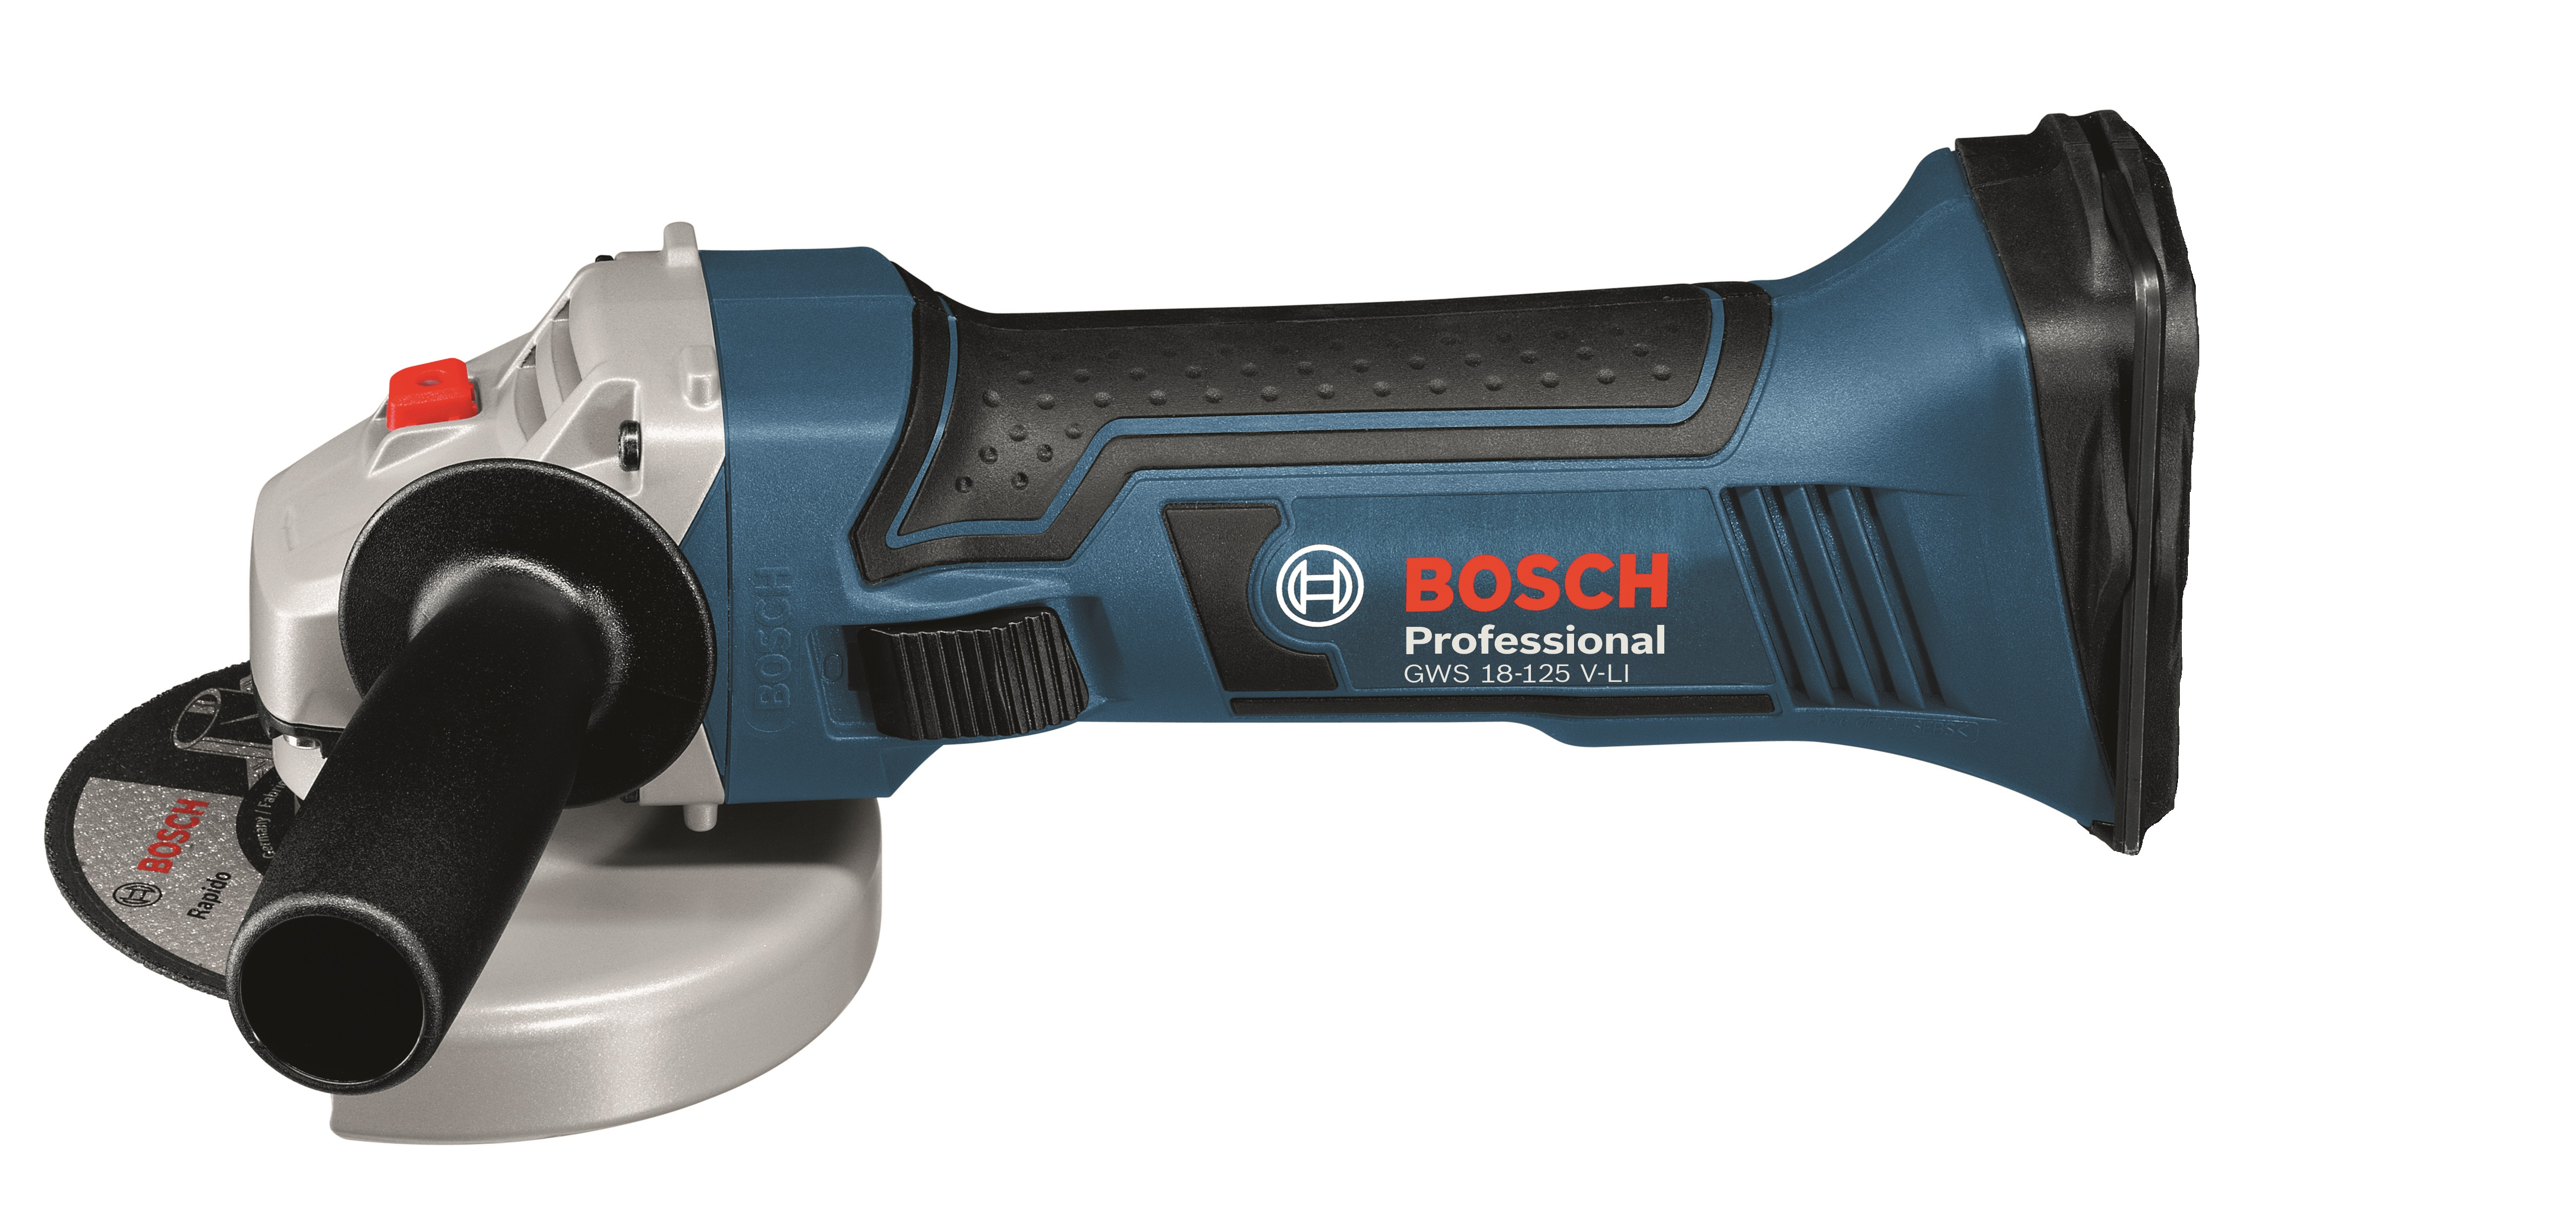 bosch 18v 125mm angle grinder baretool power tool shop. Black Bedroom Furniture Sets. Home Design Ideas